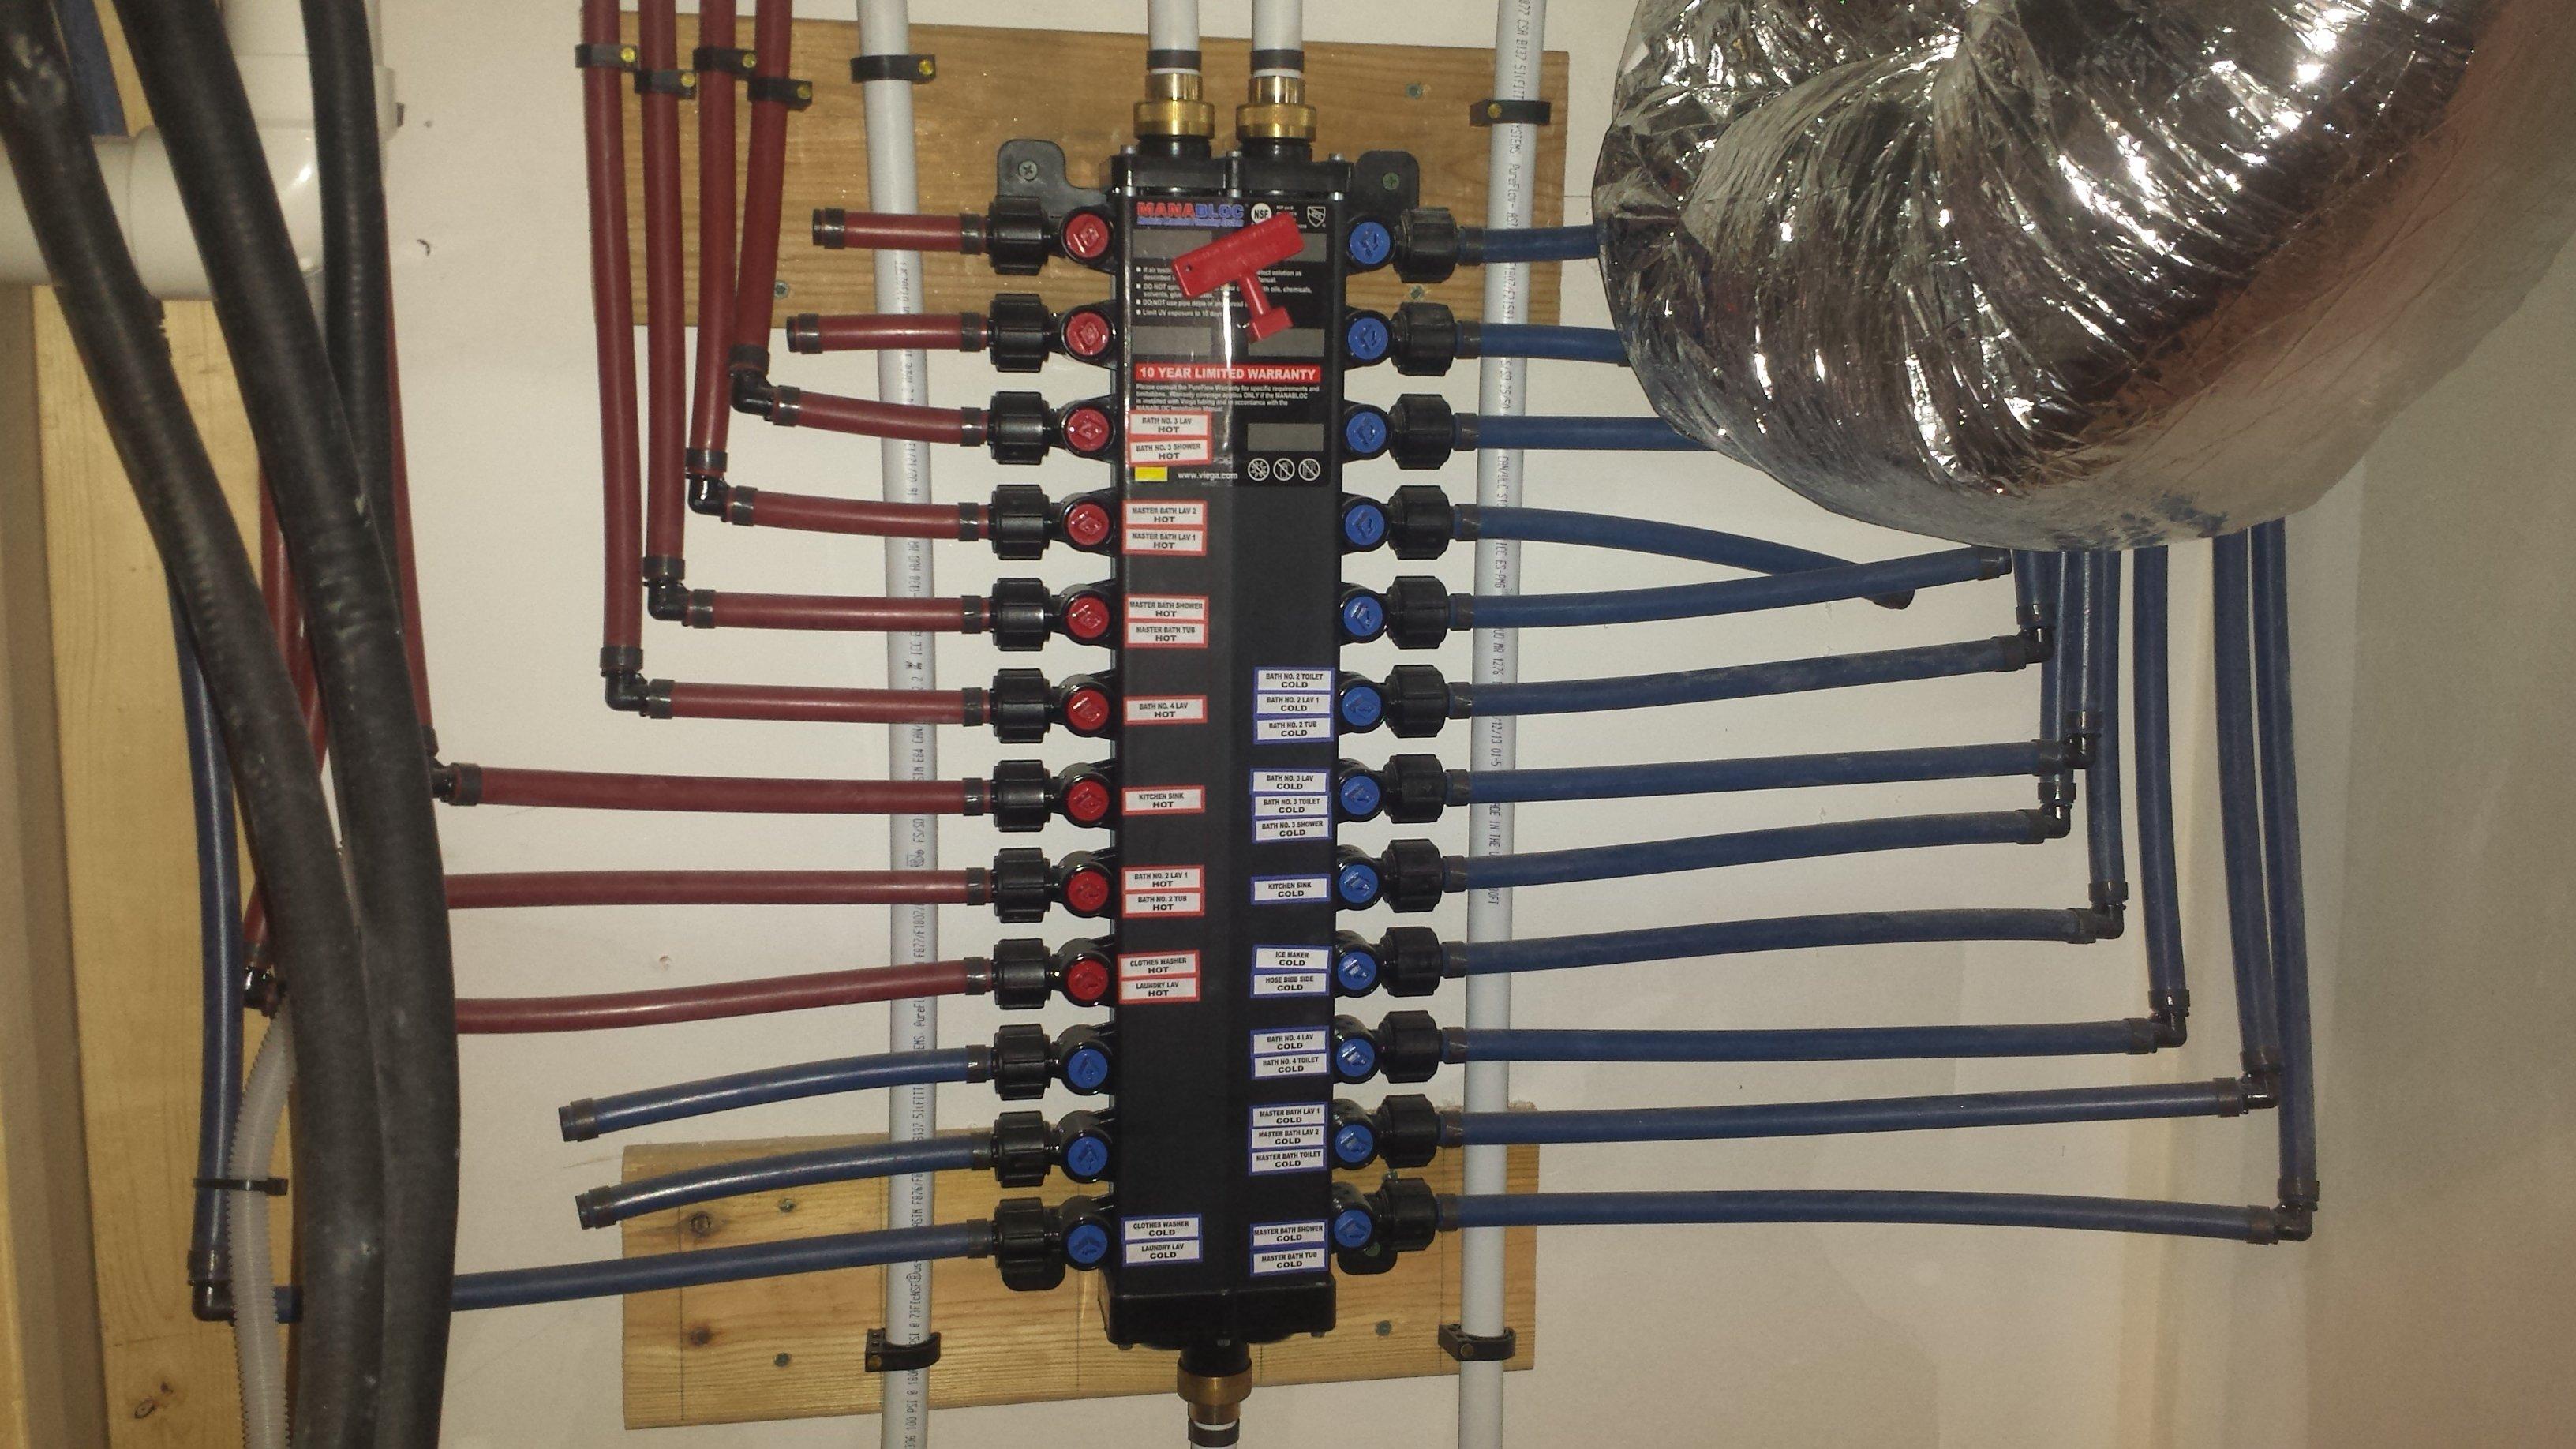 Plumbing Manifold